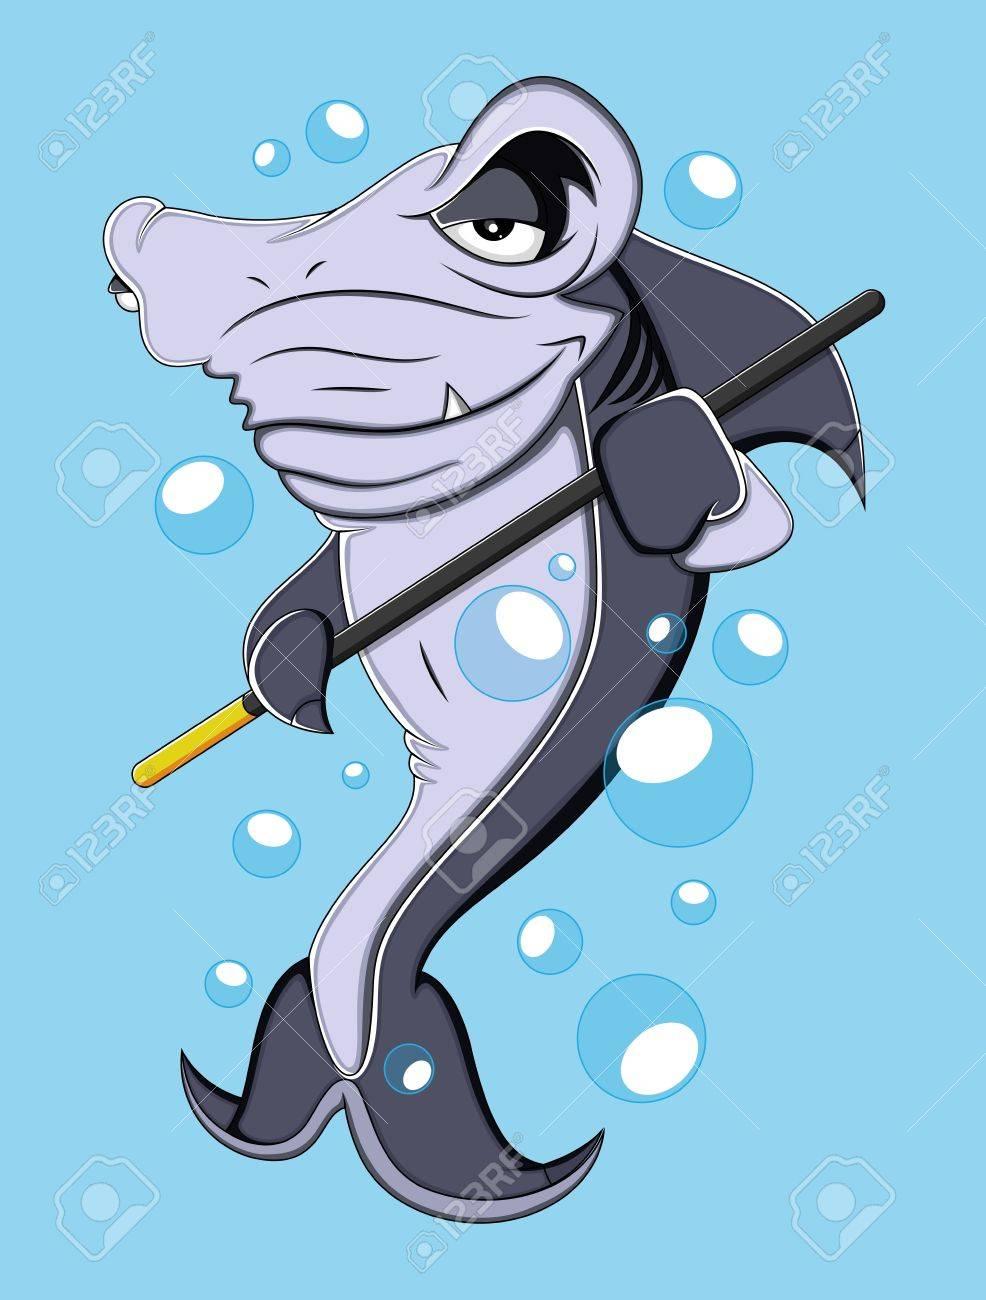 Cartoon Shark  Illustration Stock Vector - 19419826